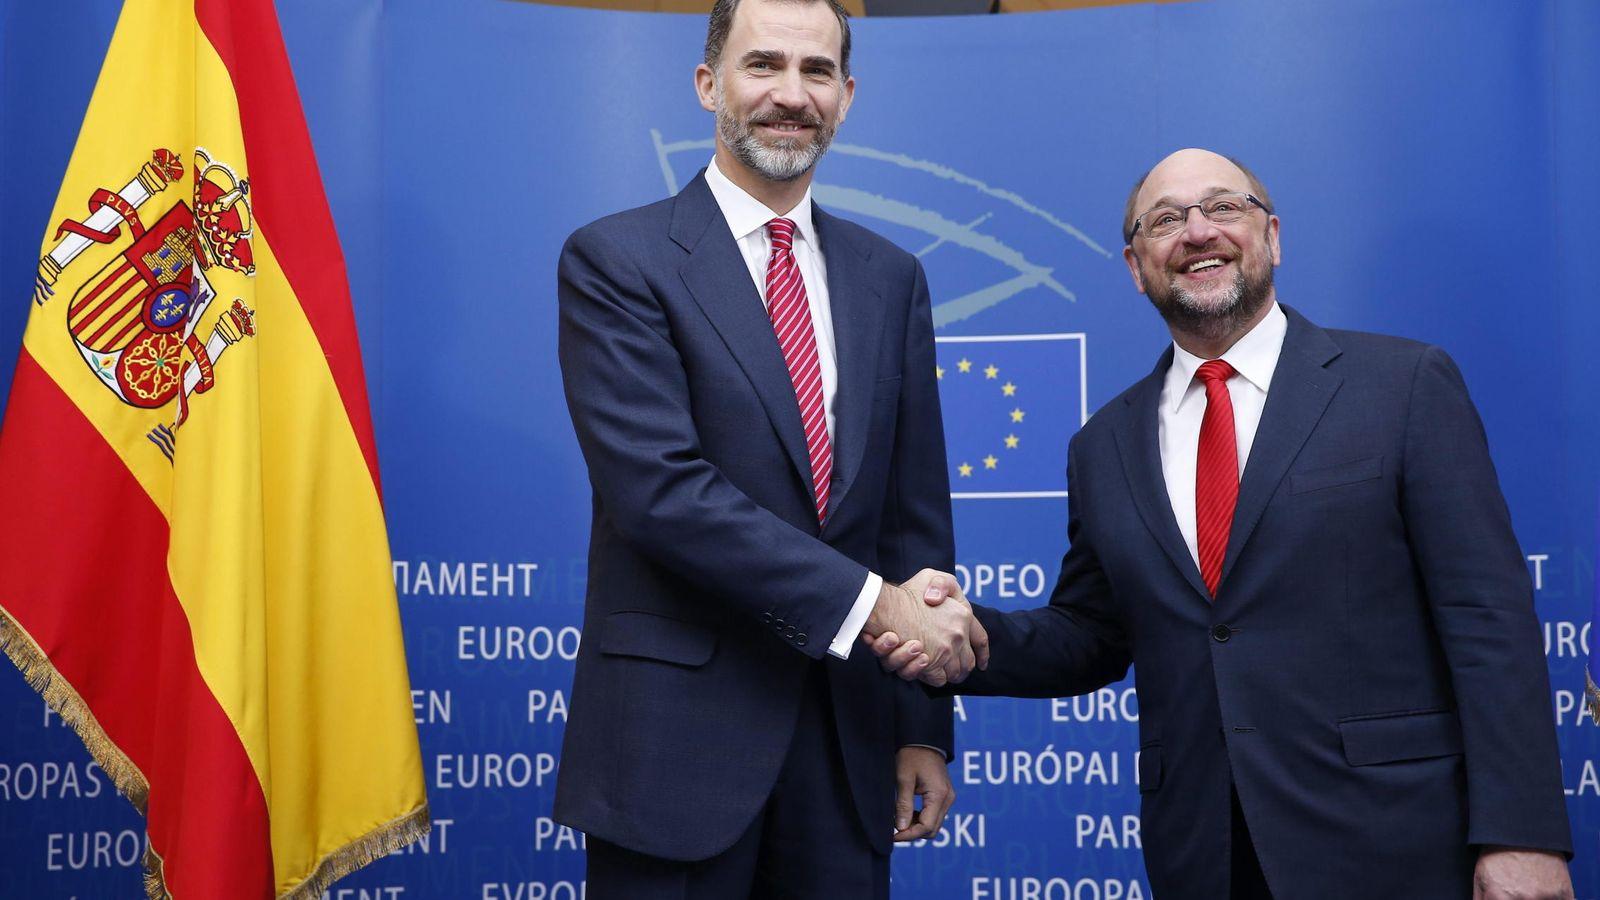 Foto: El presidente del Parlamento Europeo, Martin Schulz (dcha), da la bienvenida al rey Felipe VI antes de mantener una reunión en el Parlamento Europeo en Bruselas. (EFE)